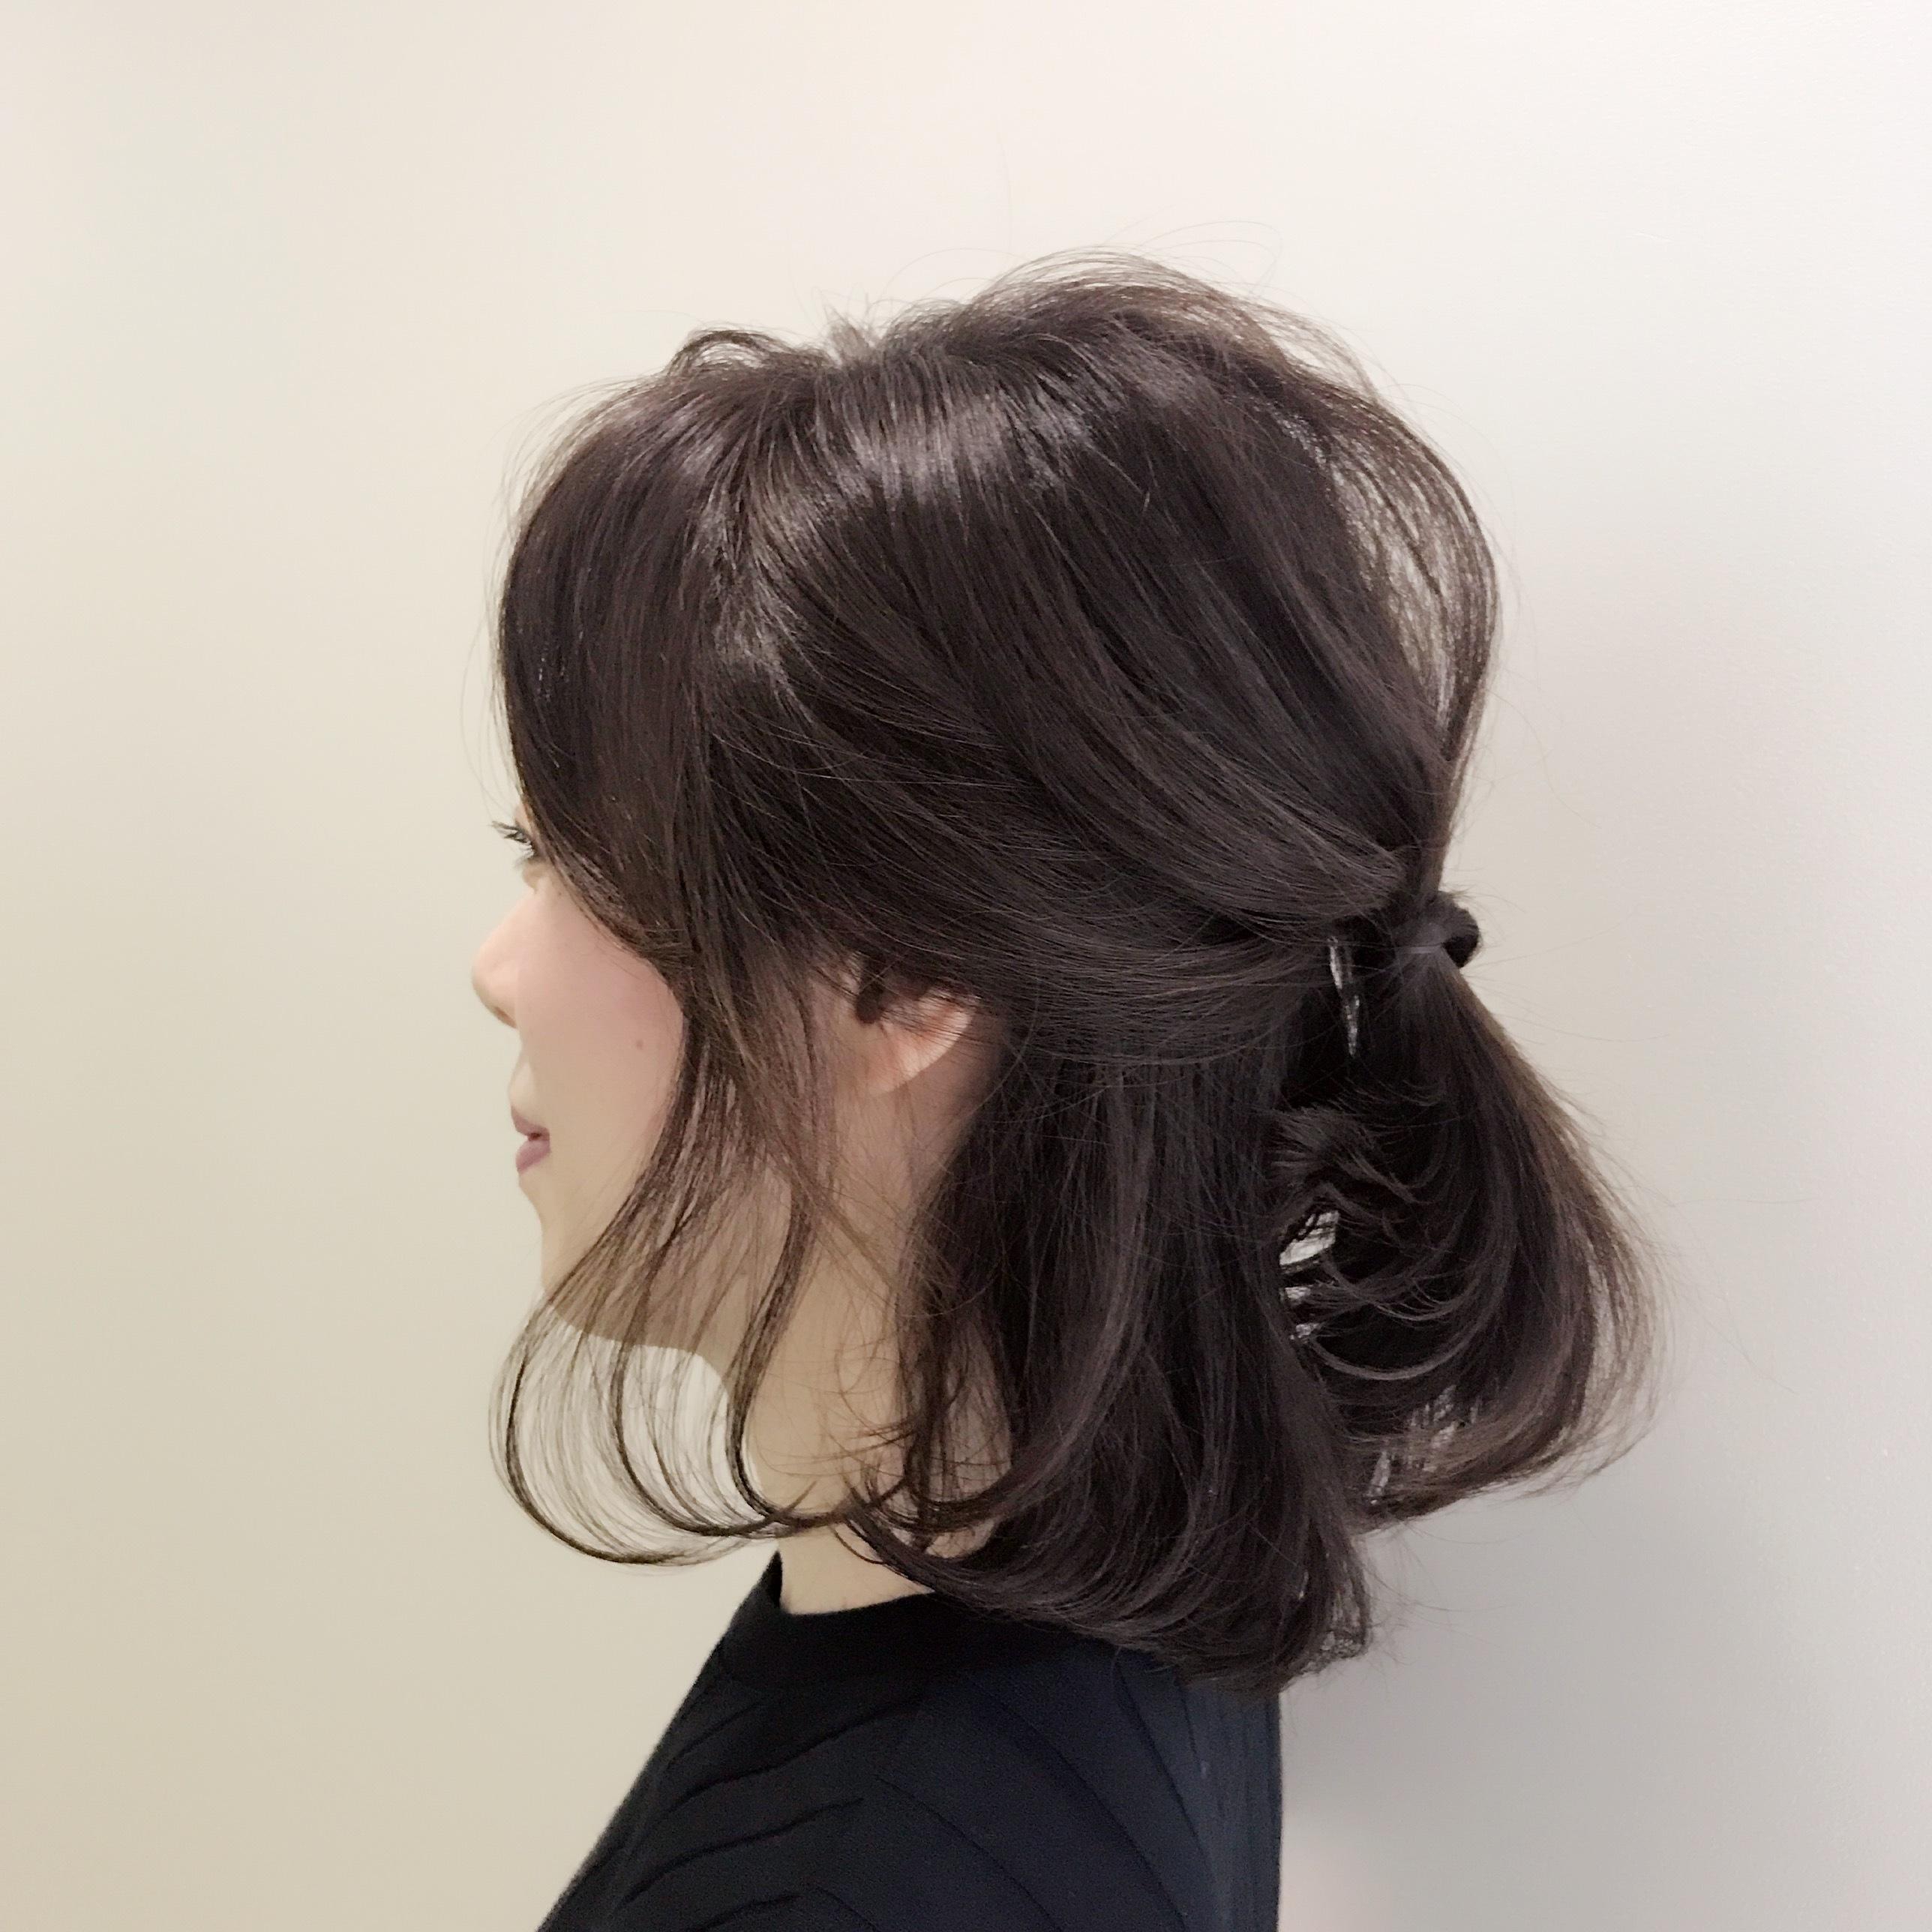 夏の暑さもヘアスタイルのチェンジで乗り切る!【マリソル美女組ブログPICK UP】_1_1-2